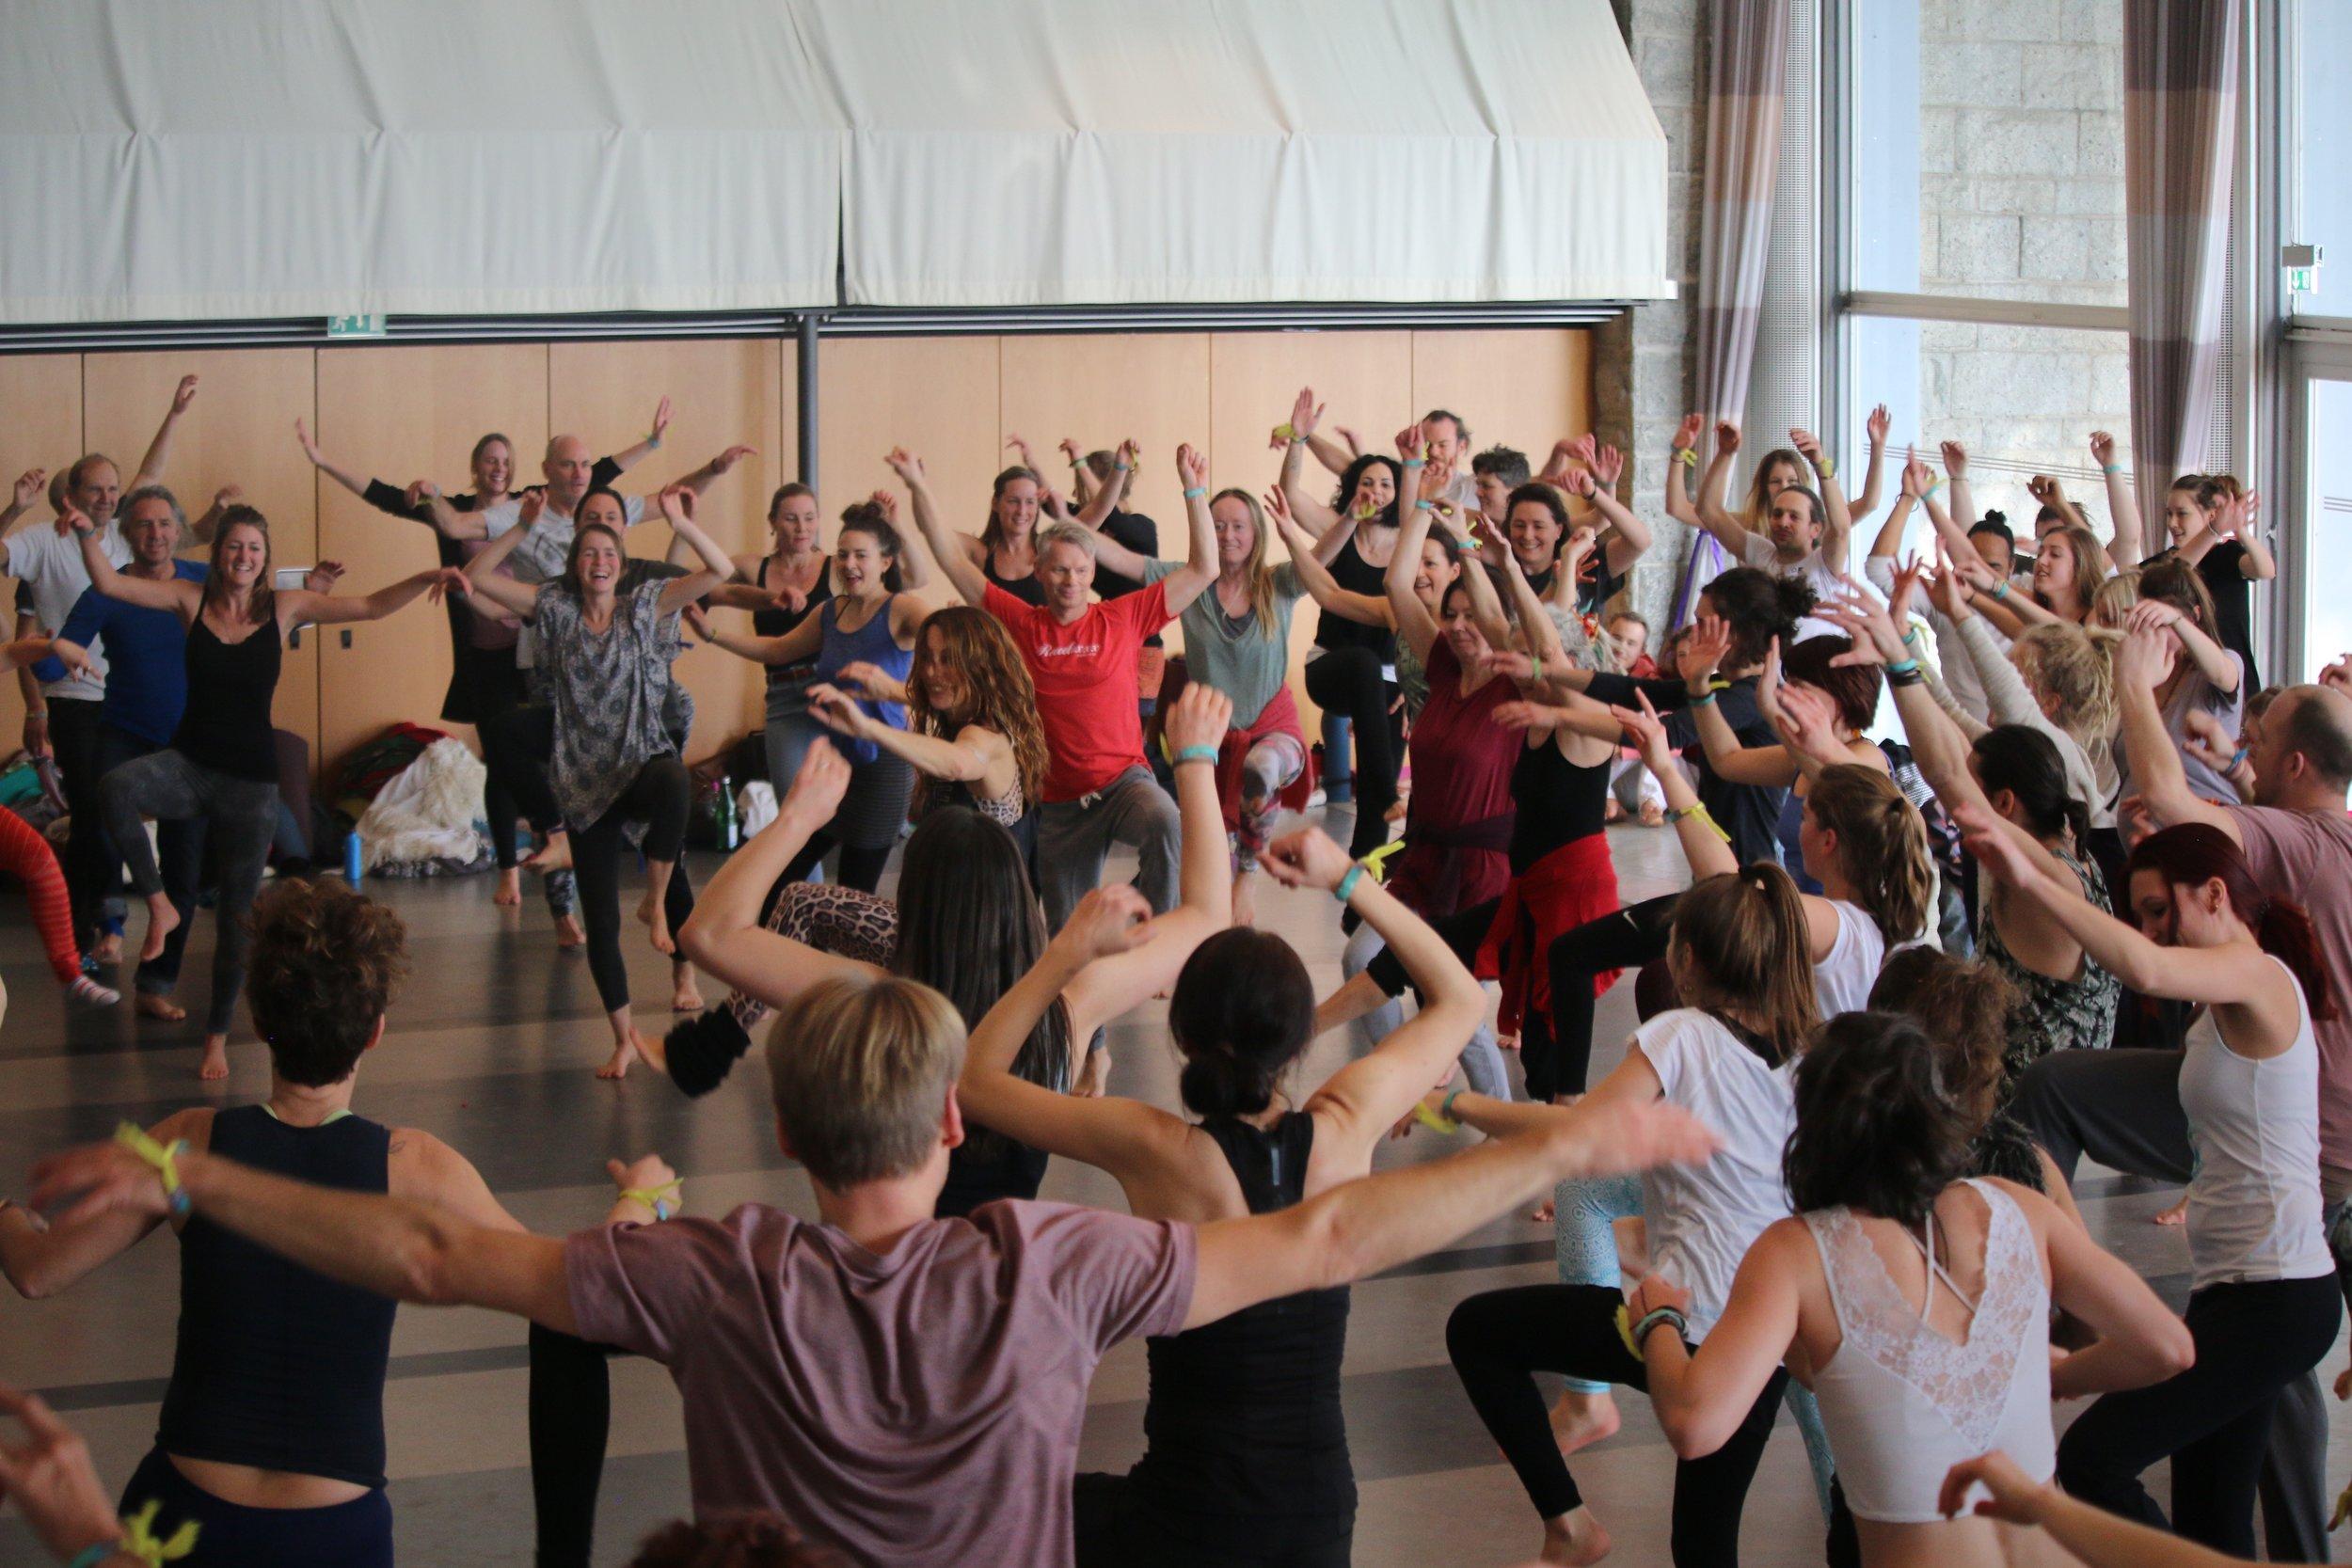 Yoga Trance Dance™ Ausbildung nach Shiva Rea - Early Bird: Euro 340,00 bis 31.12.2019Normalpreis: Euro 420,00exklusive Unterlagen